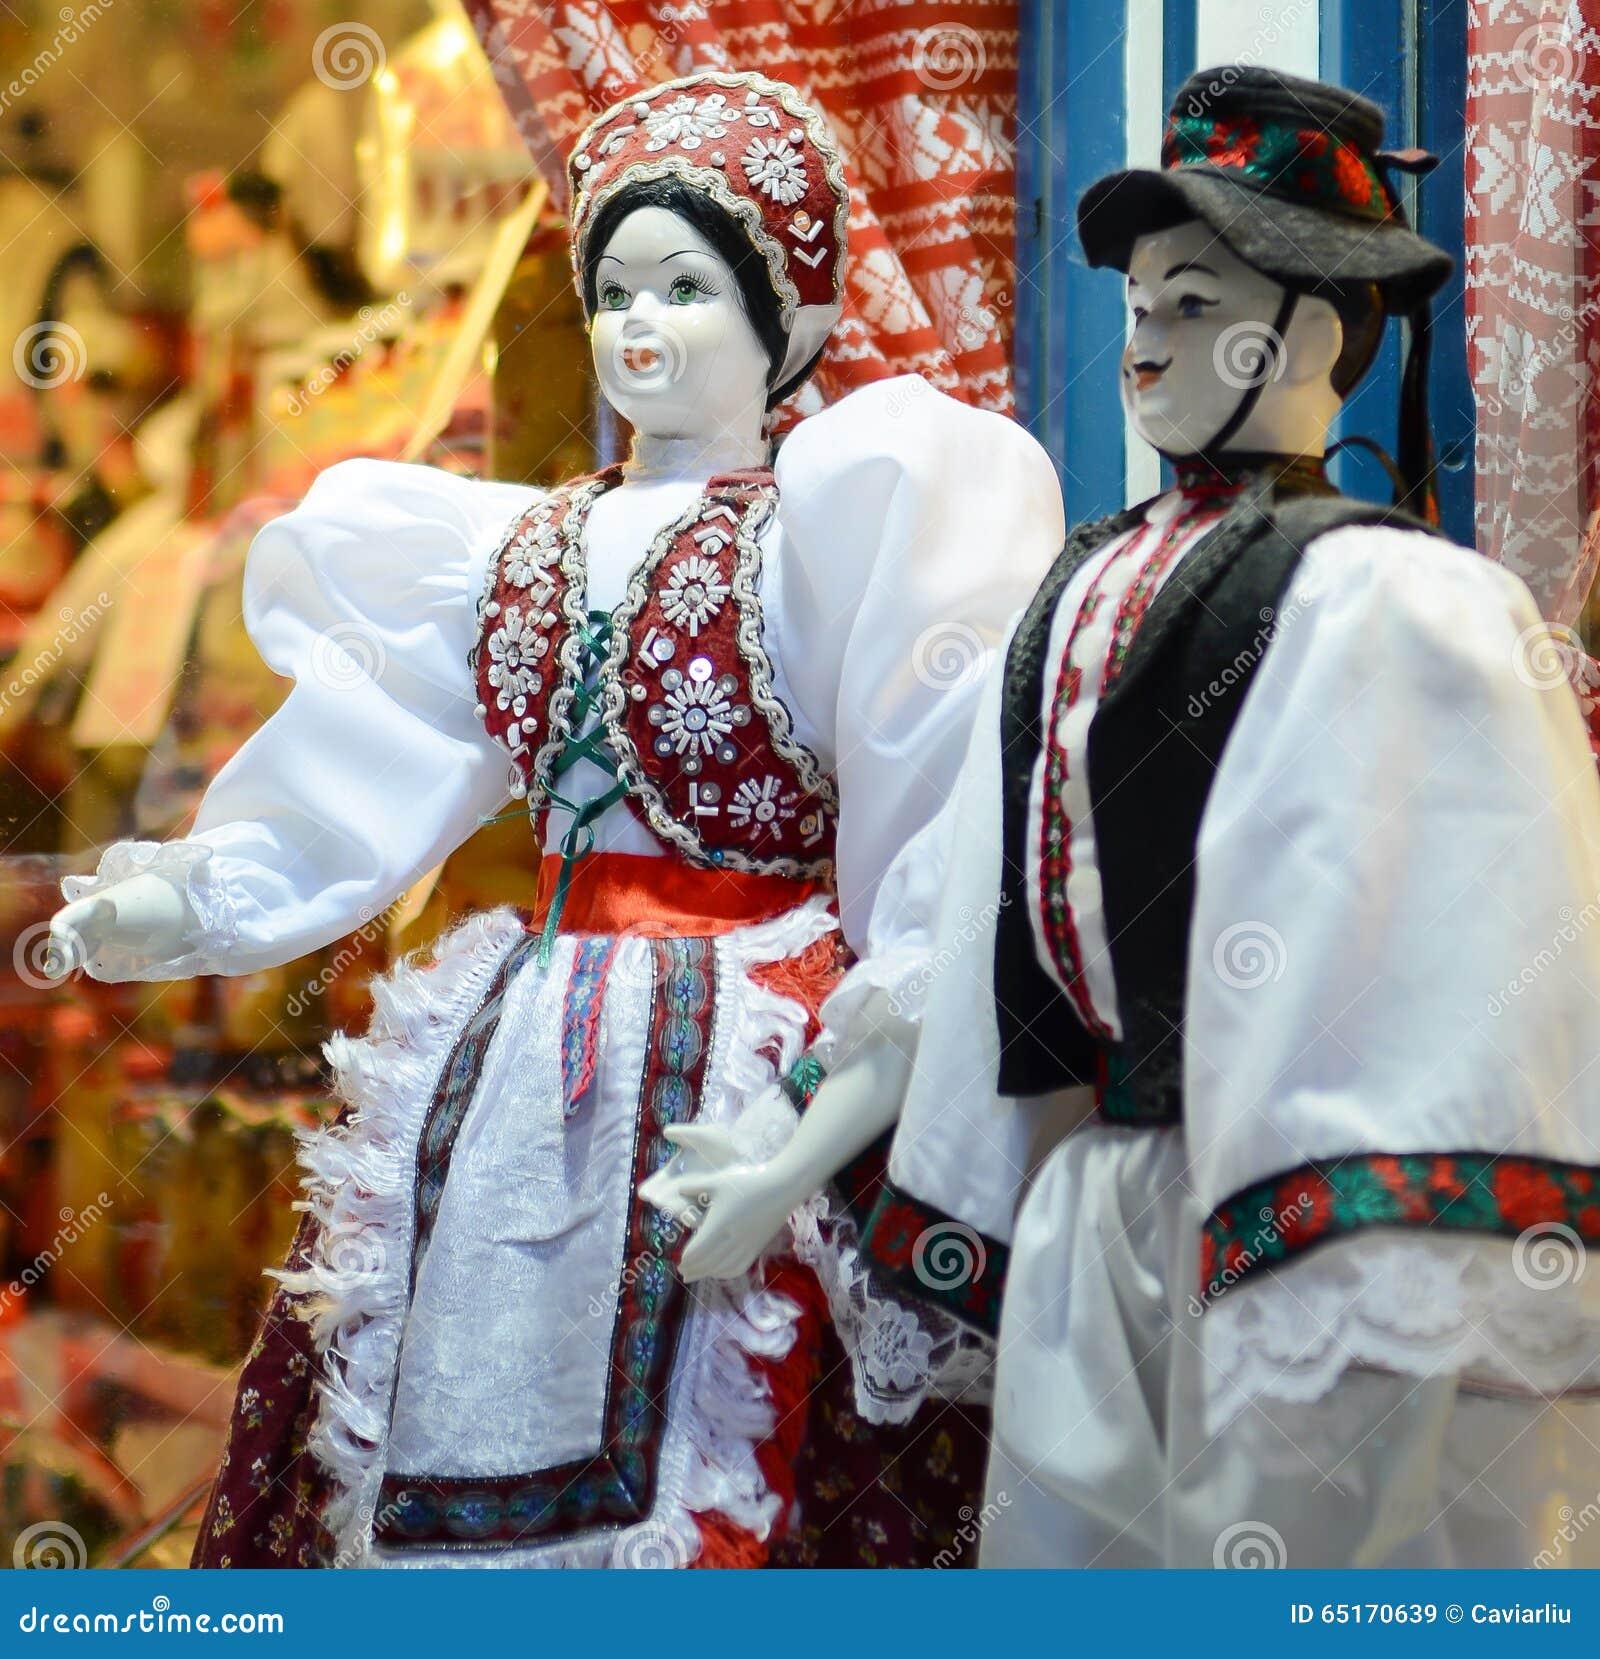 Costume Folklorique marionnettes de poupées de magyar de raditional dans le costume